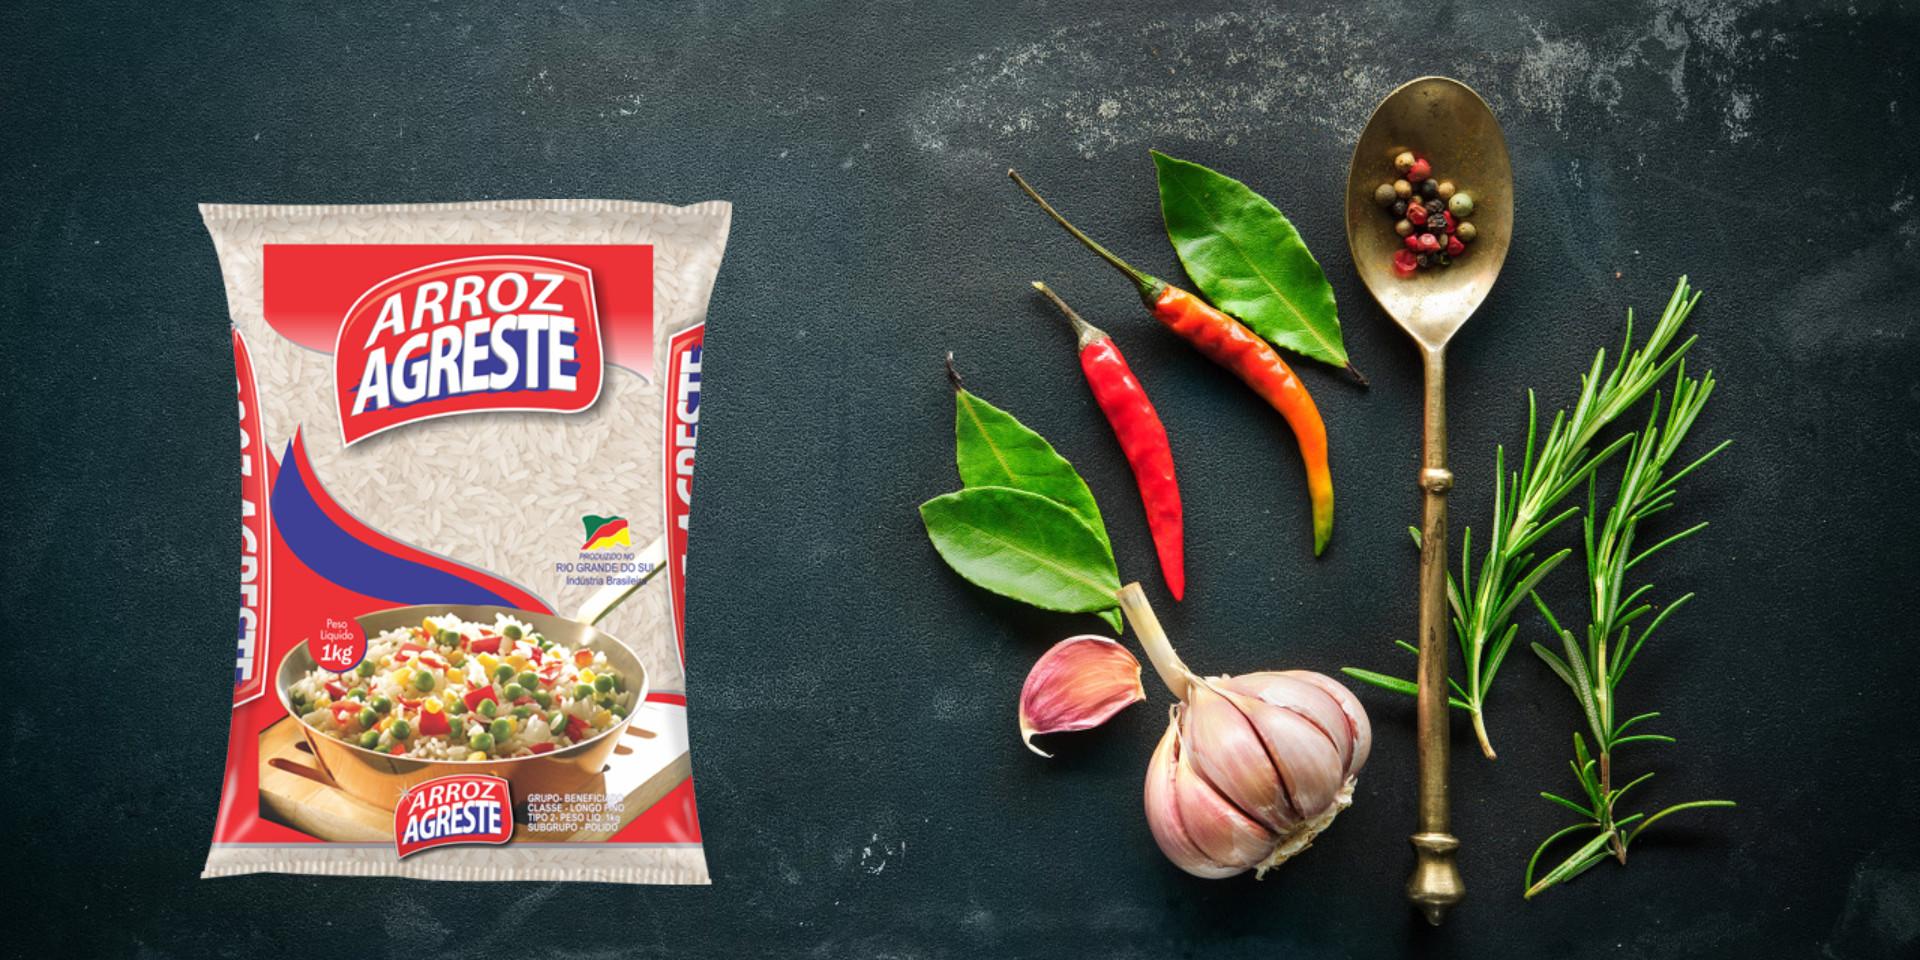 Imagem de fundo mostra as embalagens do arroz parboilizado Agreste, pimentas, alho e uma colher